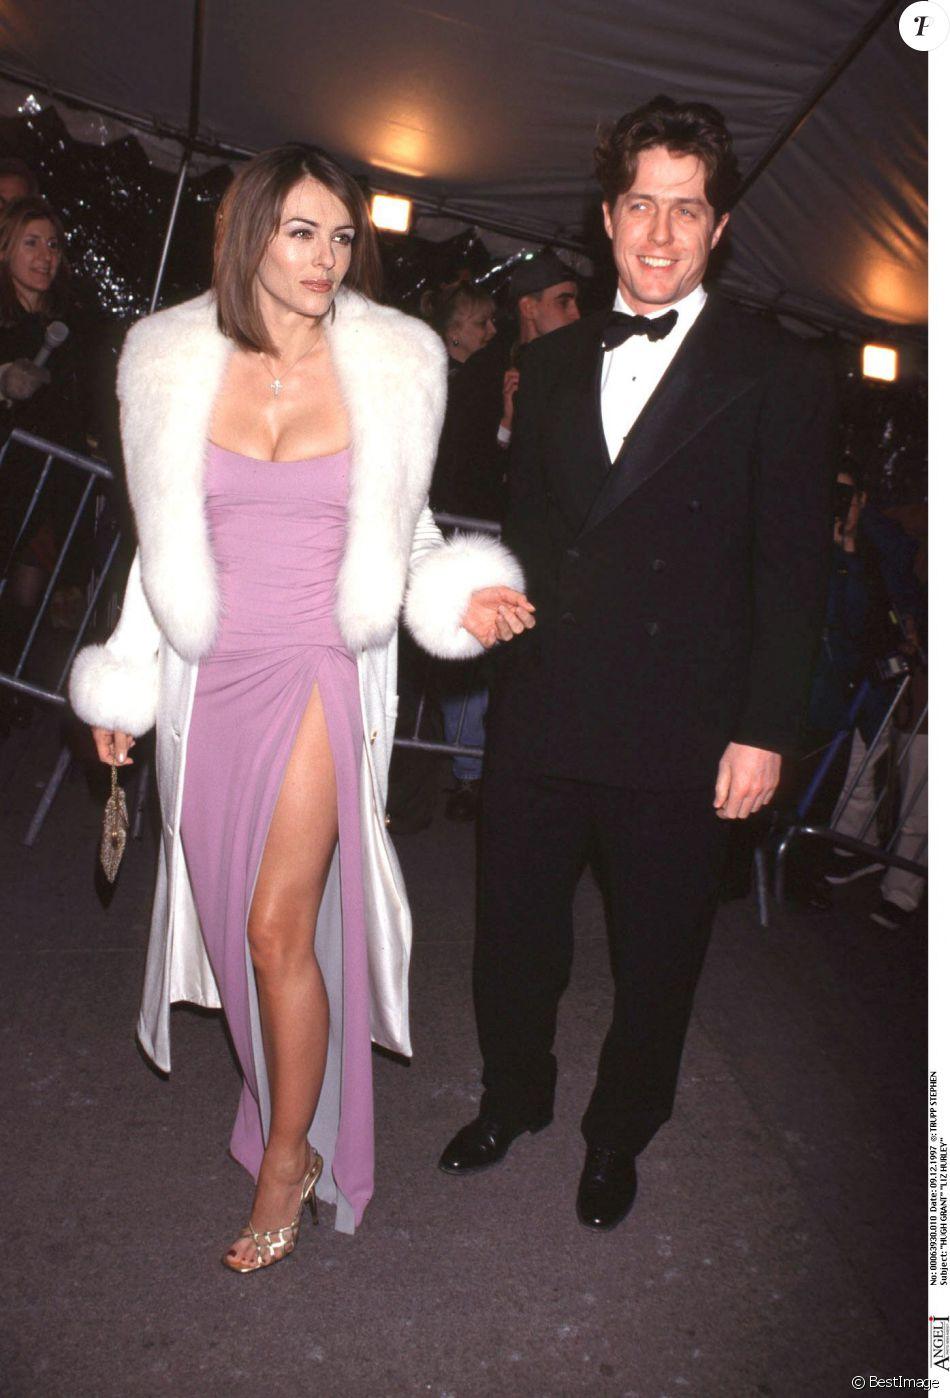 Liz hurley versace dress - Liz Hurley Et Hugh Grant Soir E Versace New York En 1997